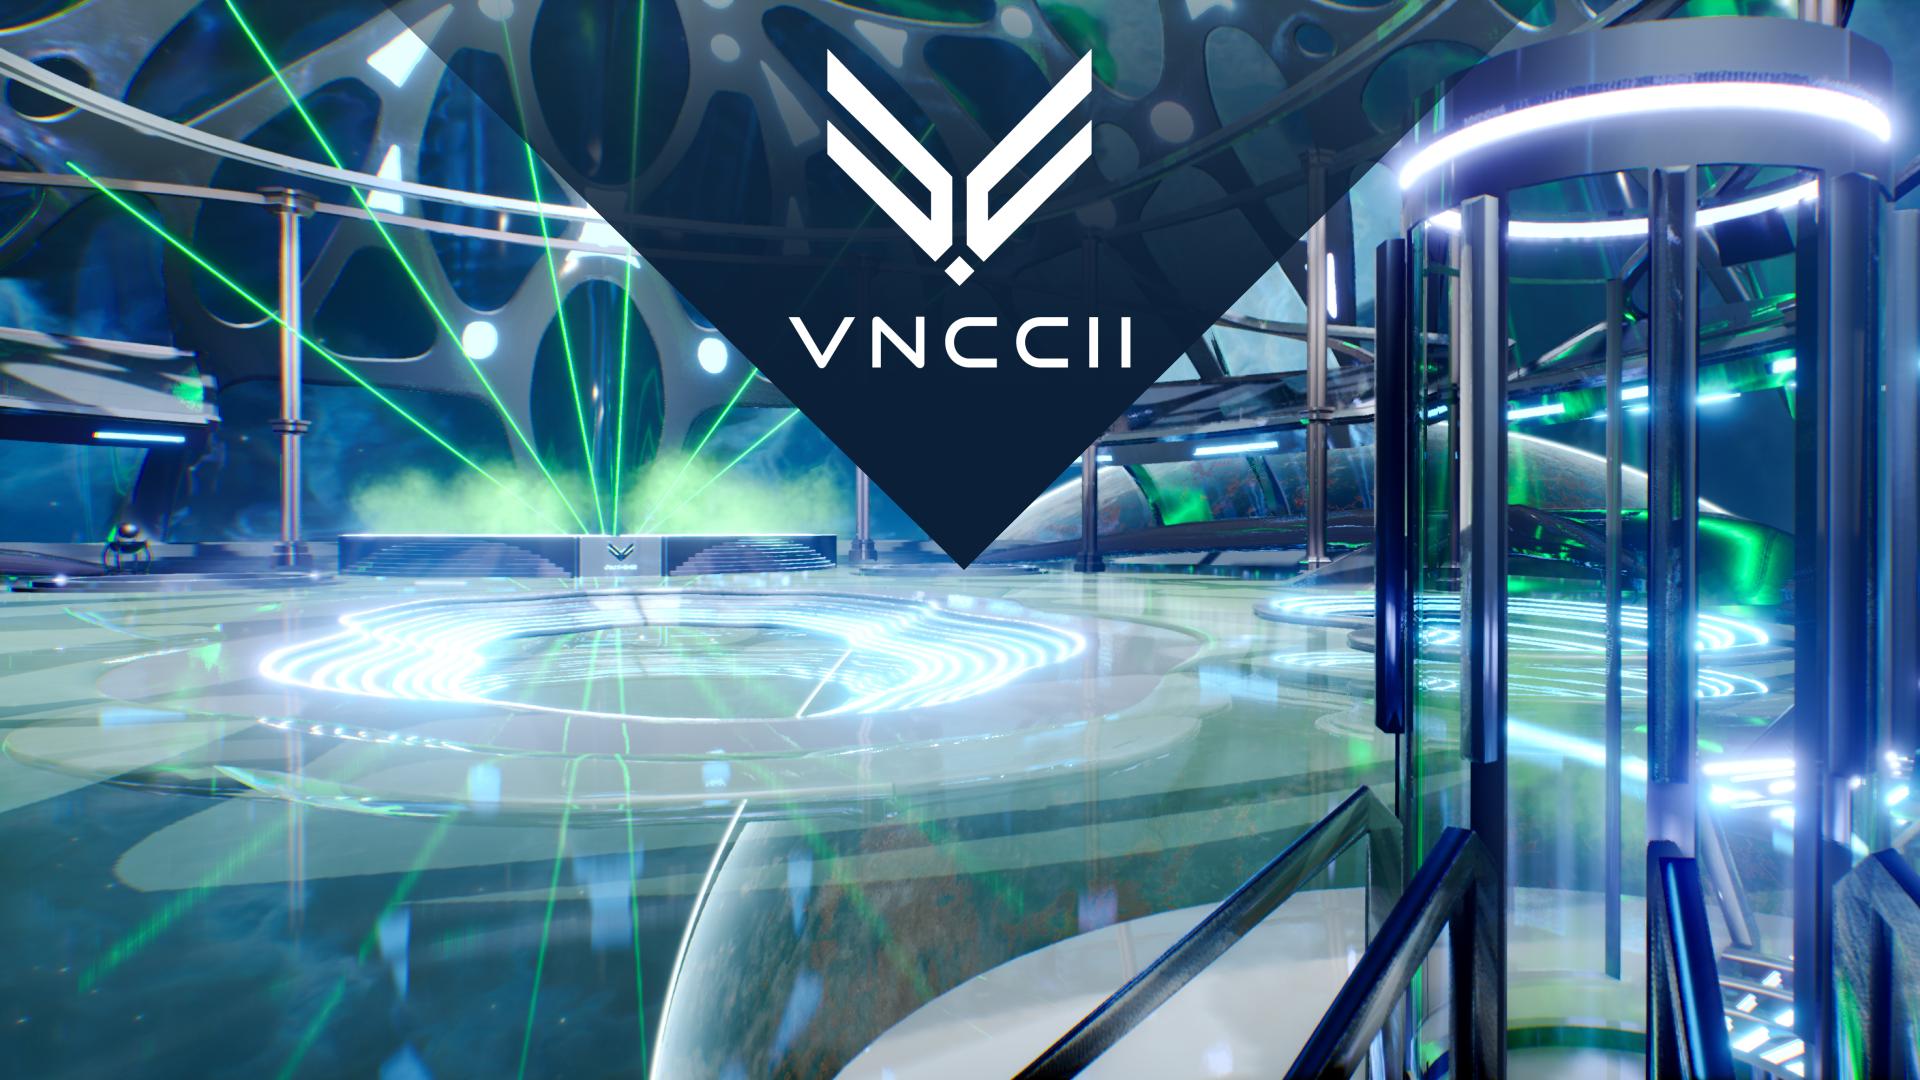 VNCCII VirtualSet Girraphic Cover 02